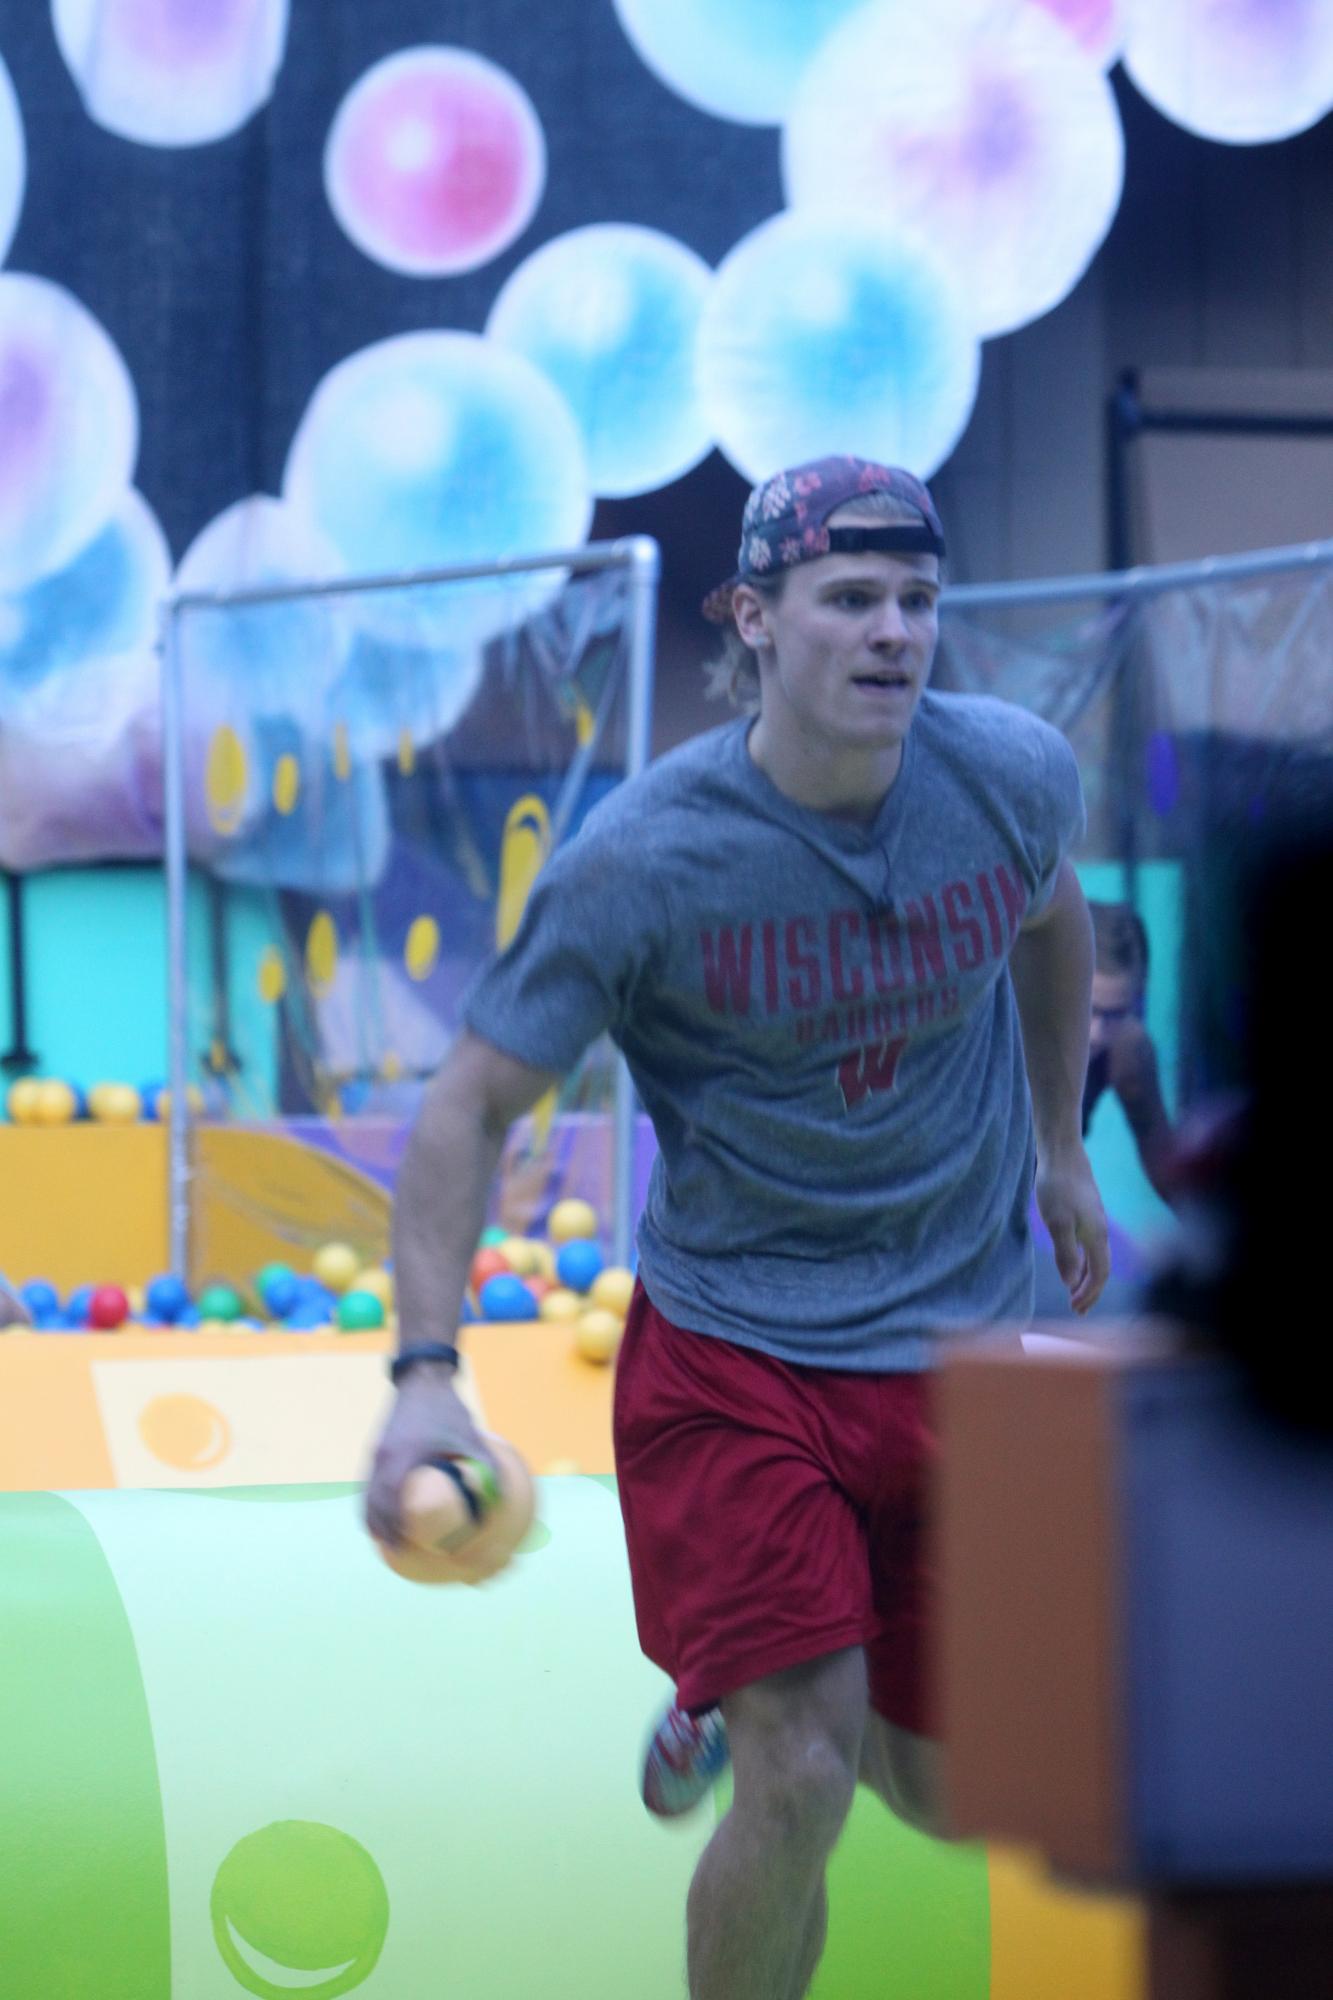 Hayden competes